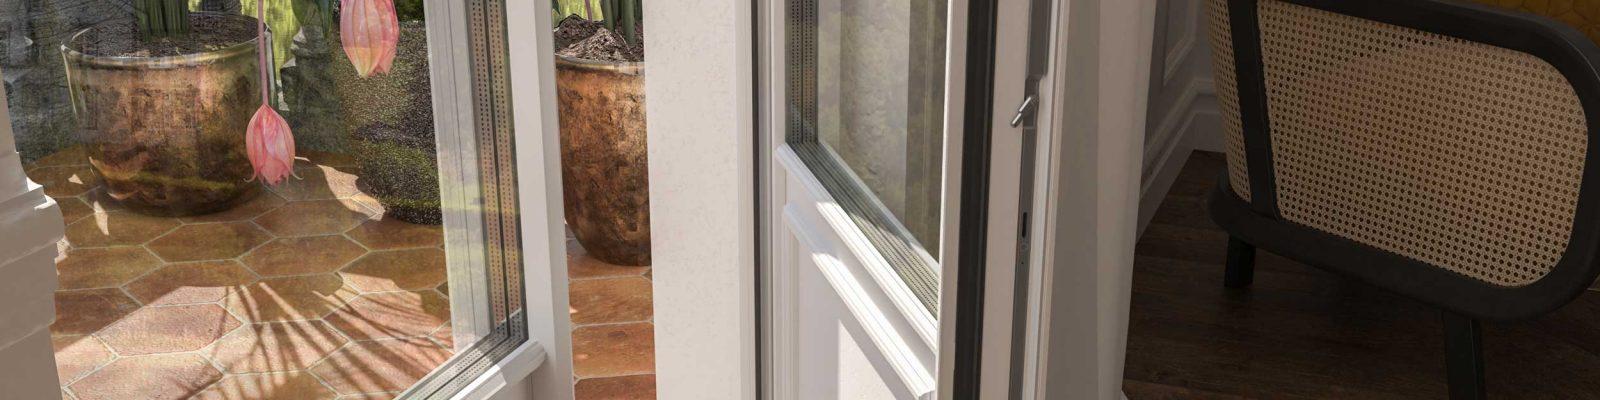 Dettaglio della porta finestra Skyline Classic